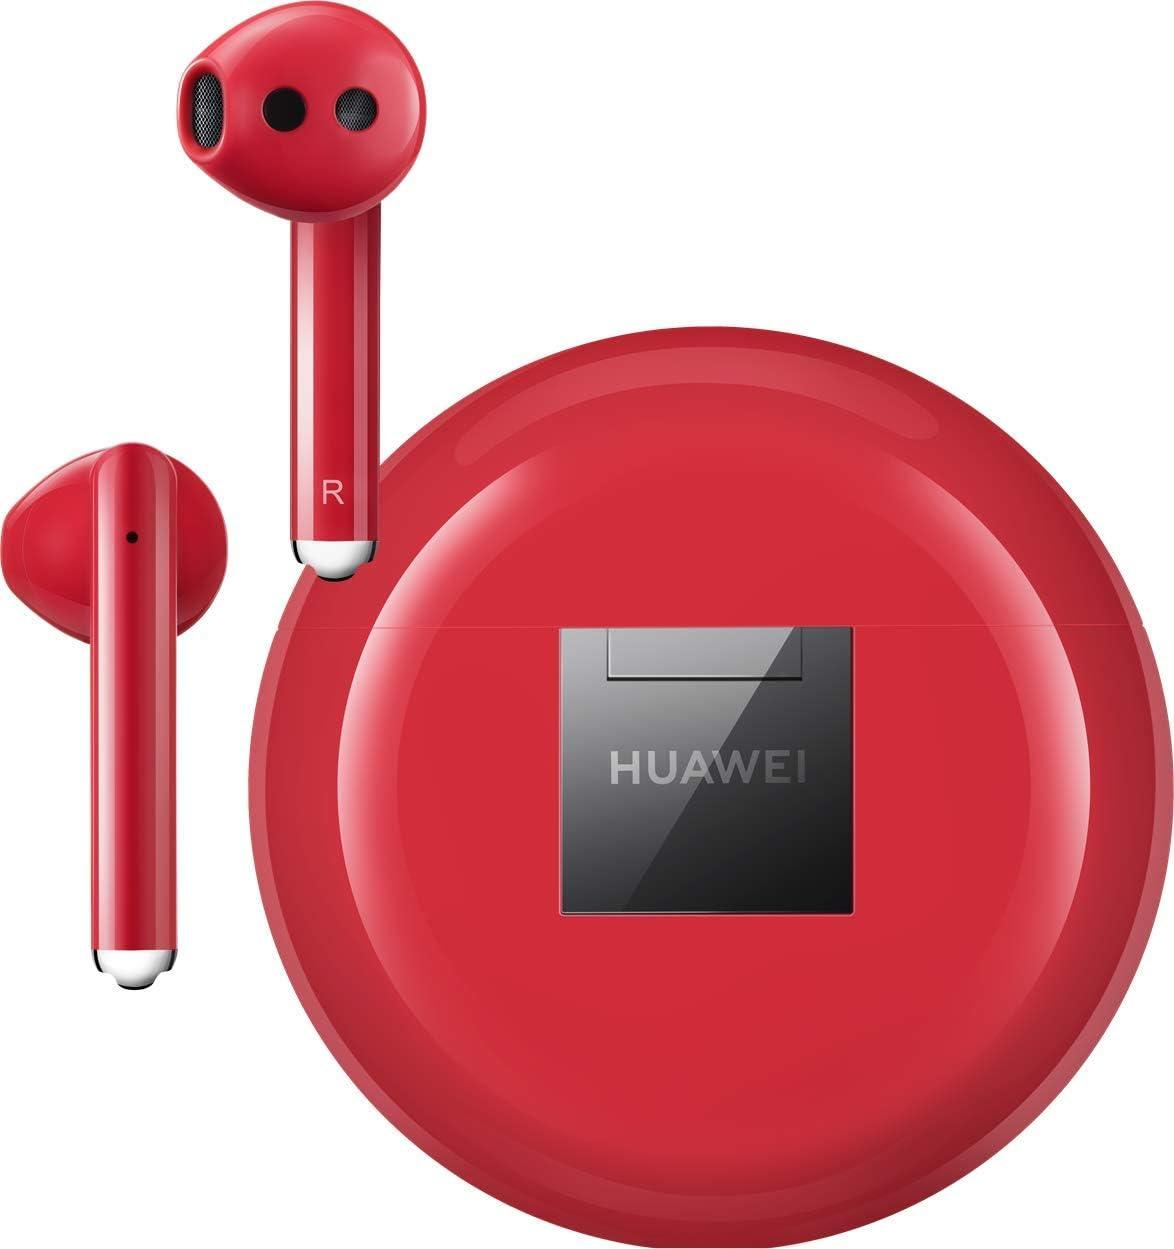 HUAWEI FreeBuds 3 kabellose Kopfh/örer mit Active Noise Canceling + 5EUR  Gutschein Ultra schnelle Bluetooth-Verbindung, 14mm Lautsprecher Schwarz Band 4 wasserdichter Bluetooth Fitness